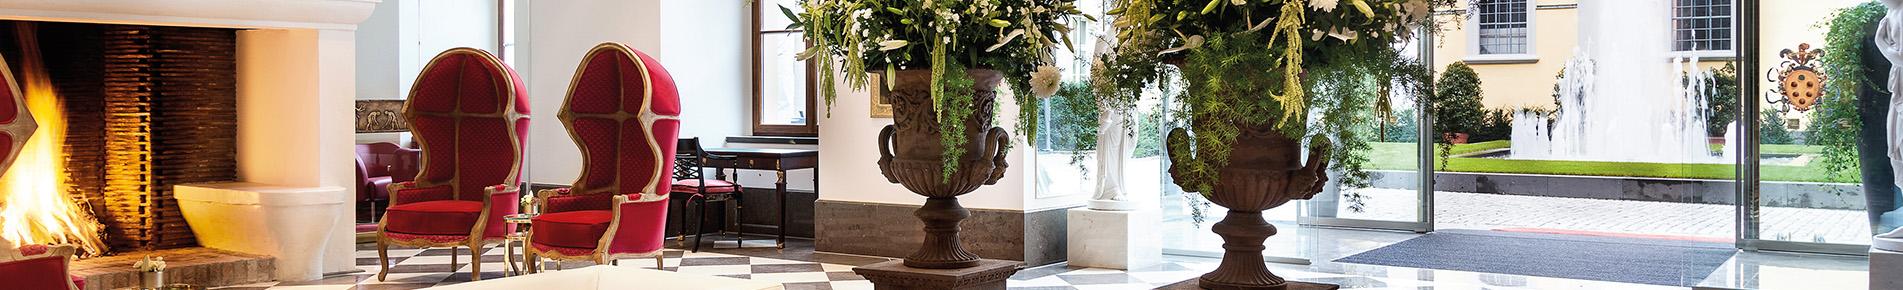 Lobby De Medici